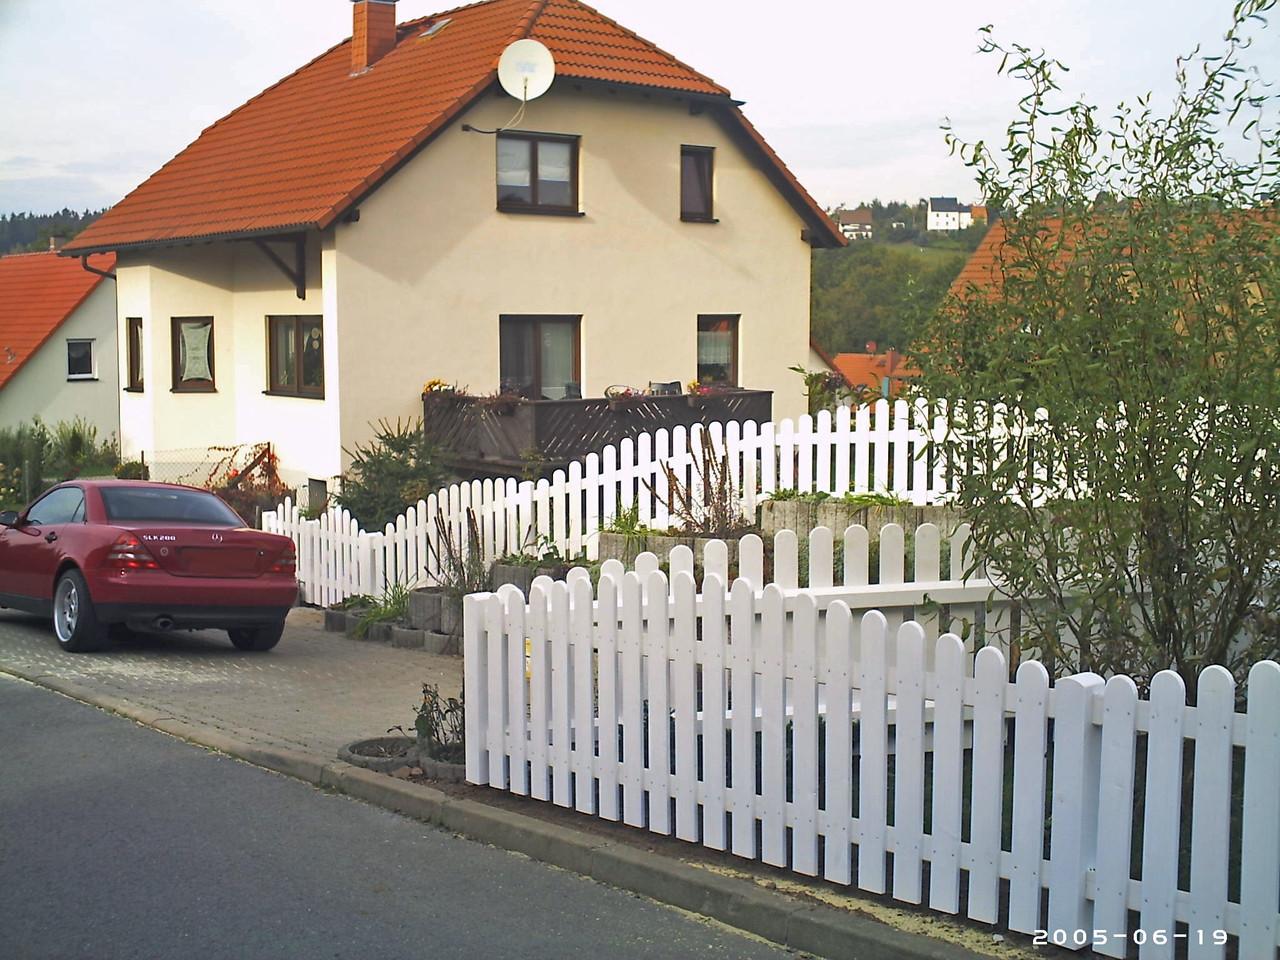 Gartenzaun in weiß geschwungen